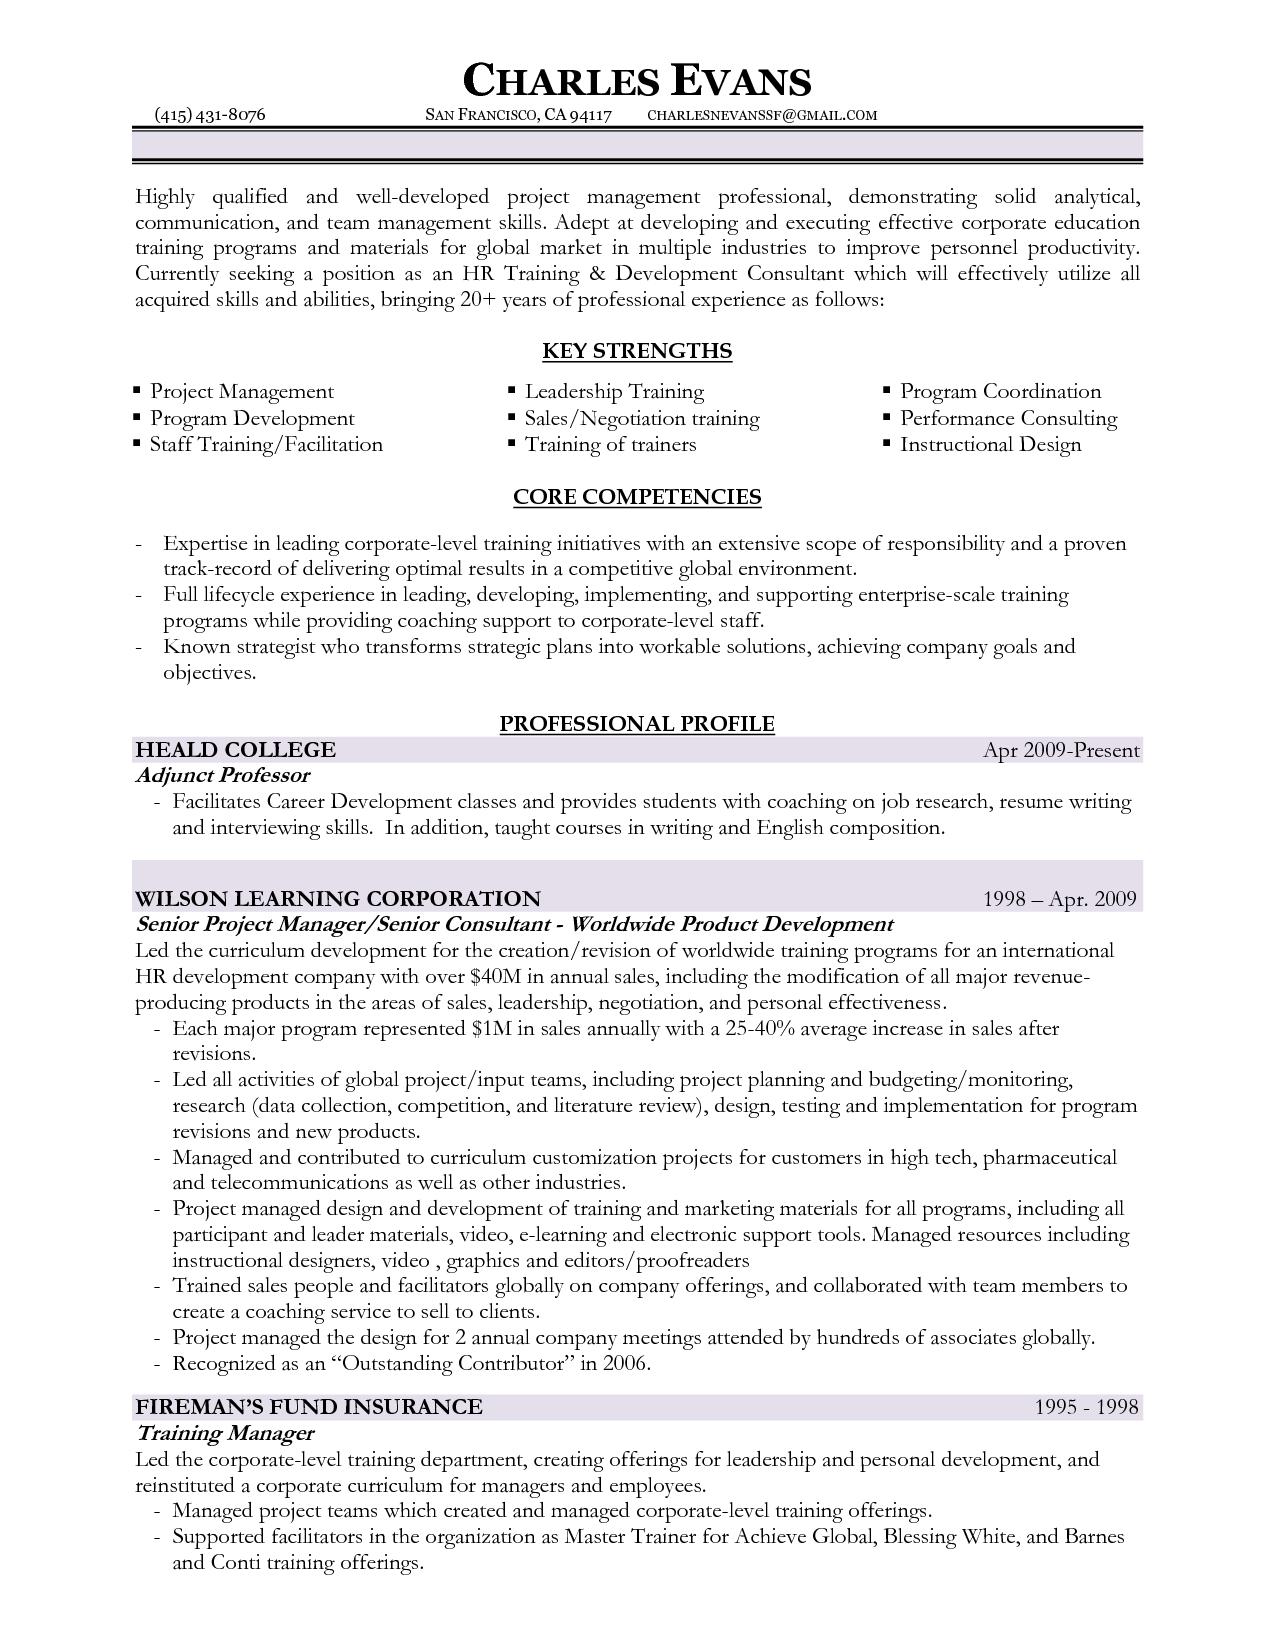 Training Manager Resume Http Www Resumecareer Info Training Manager Resume 8